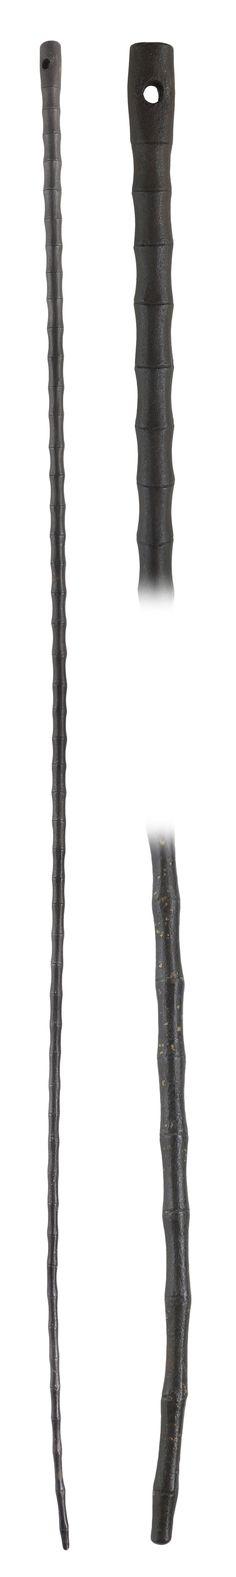 Japanese kanamuchi (iron whip), Edo period,  110 cm (43.30 inch).